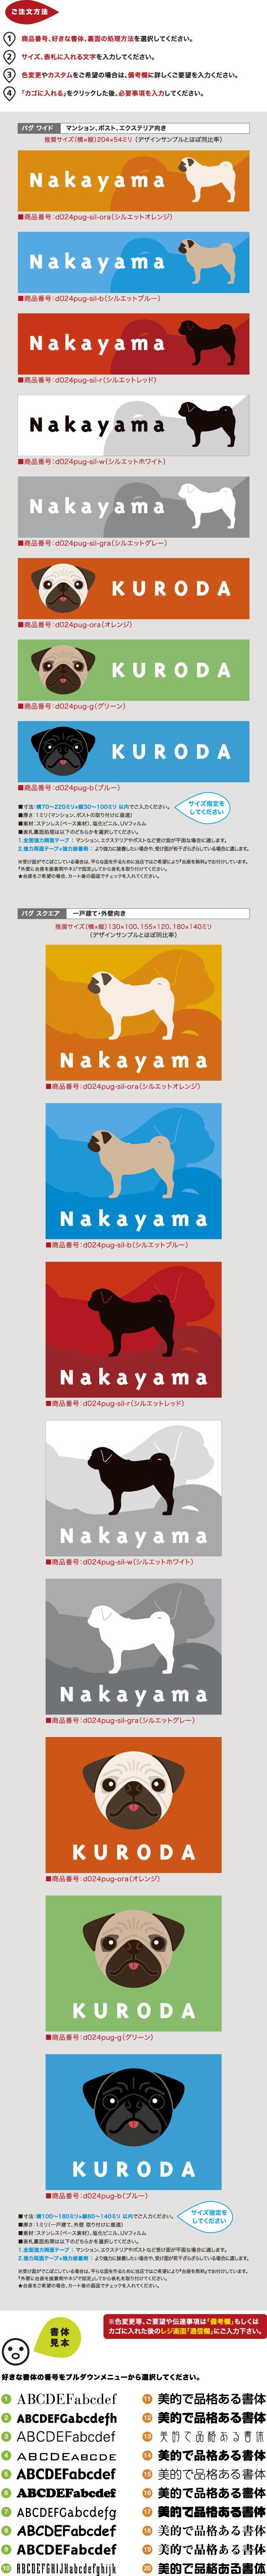 犬 表札-パグの詳細説明